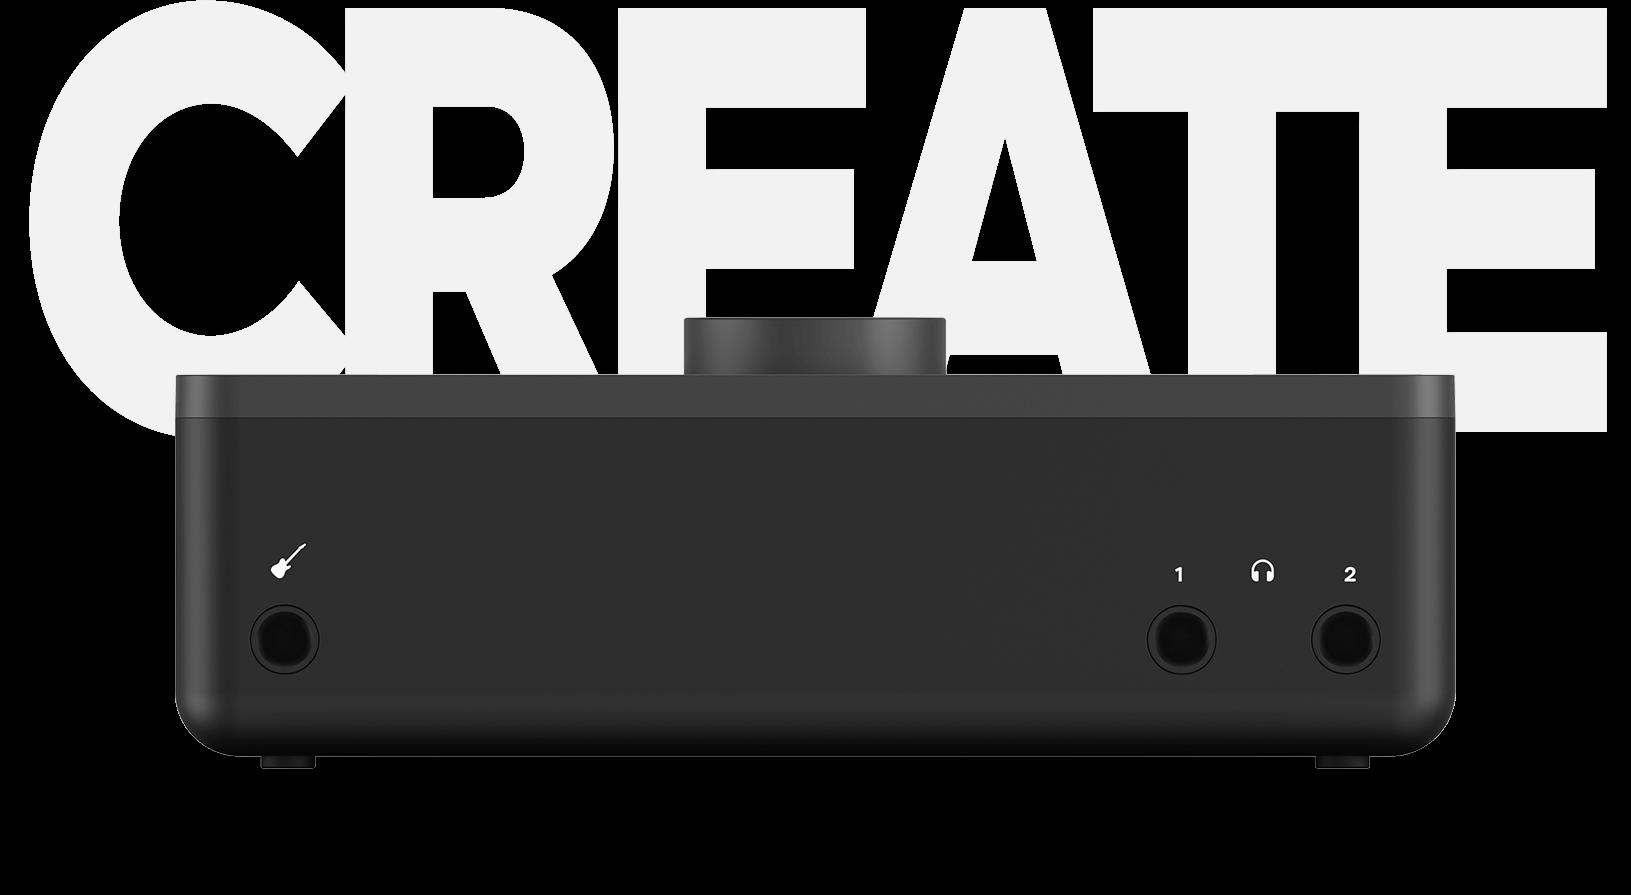 createCOORECTTTT